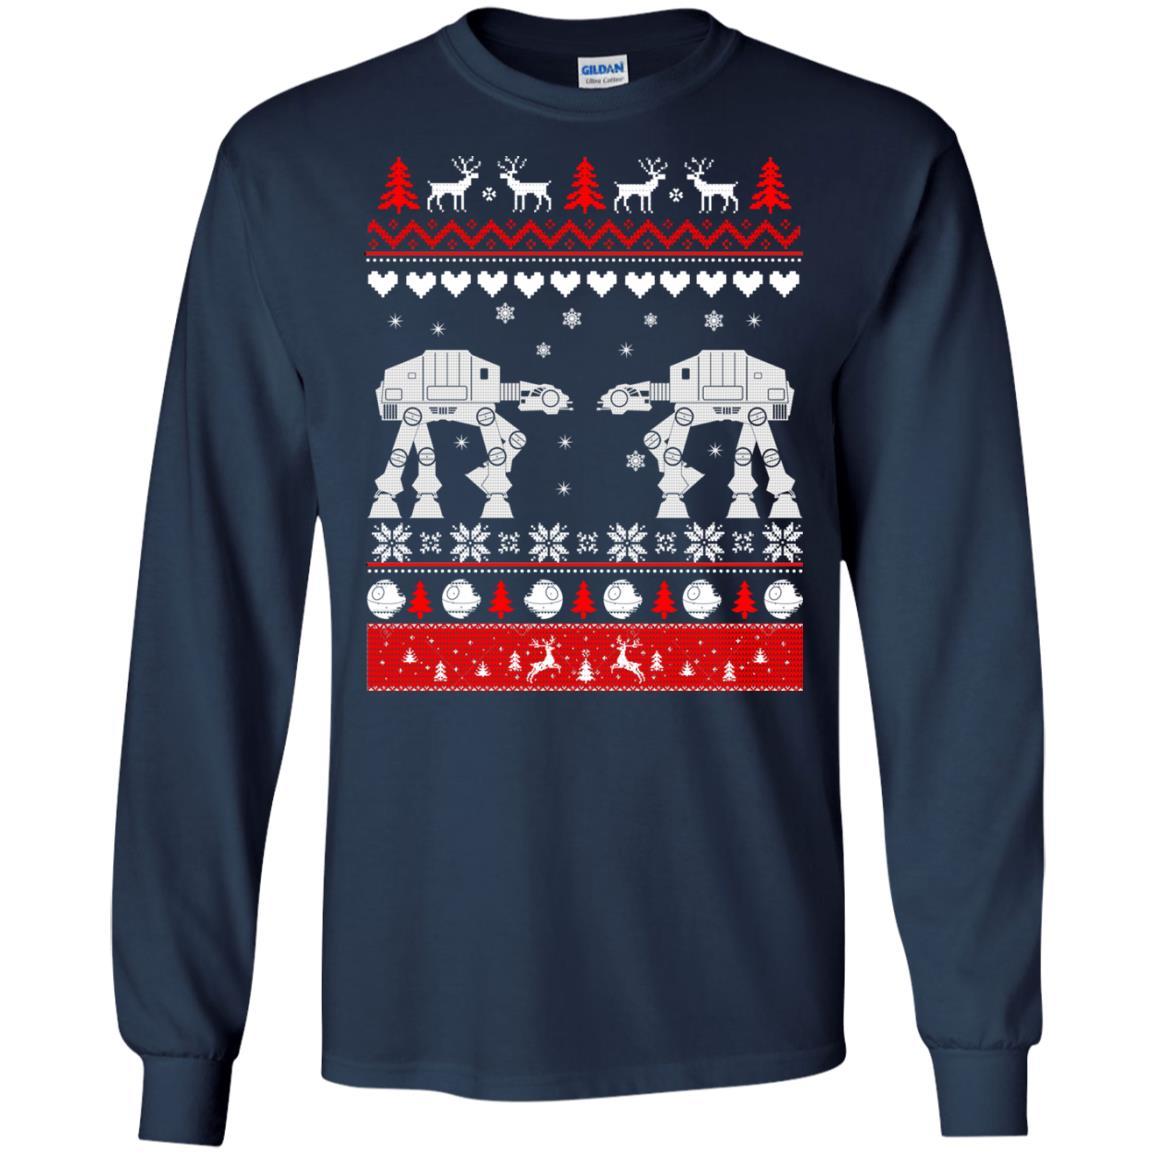 image 1737 - Star Wars AT AT Walker Christmas Sweatshirt, Hoodie